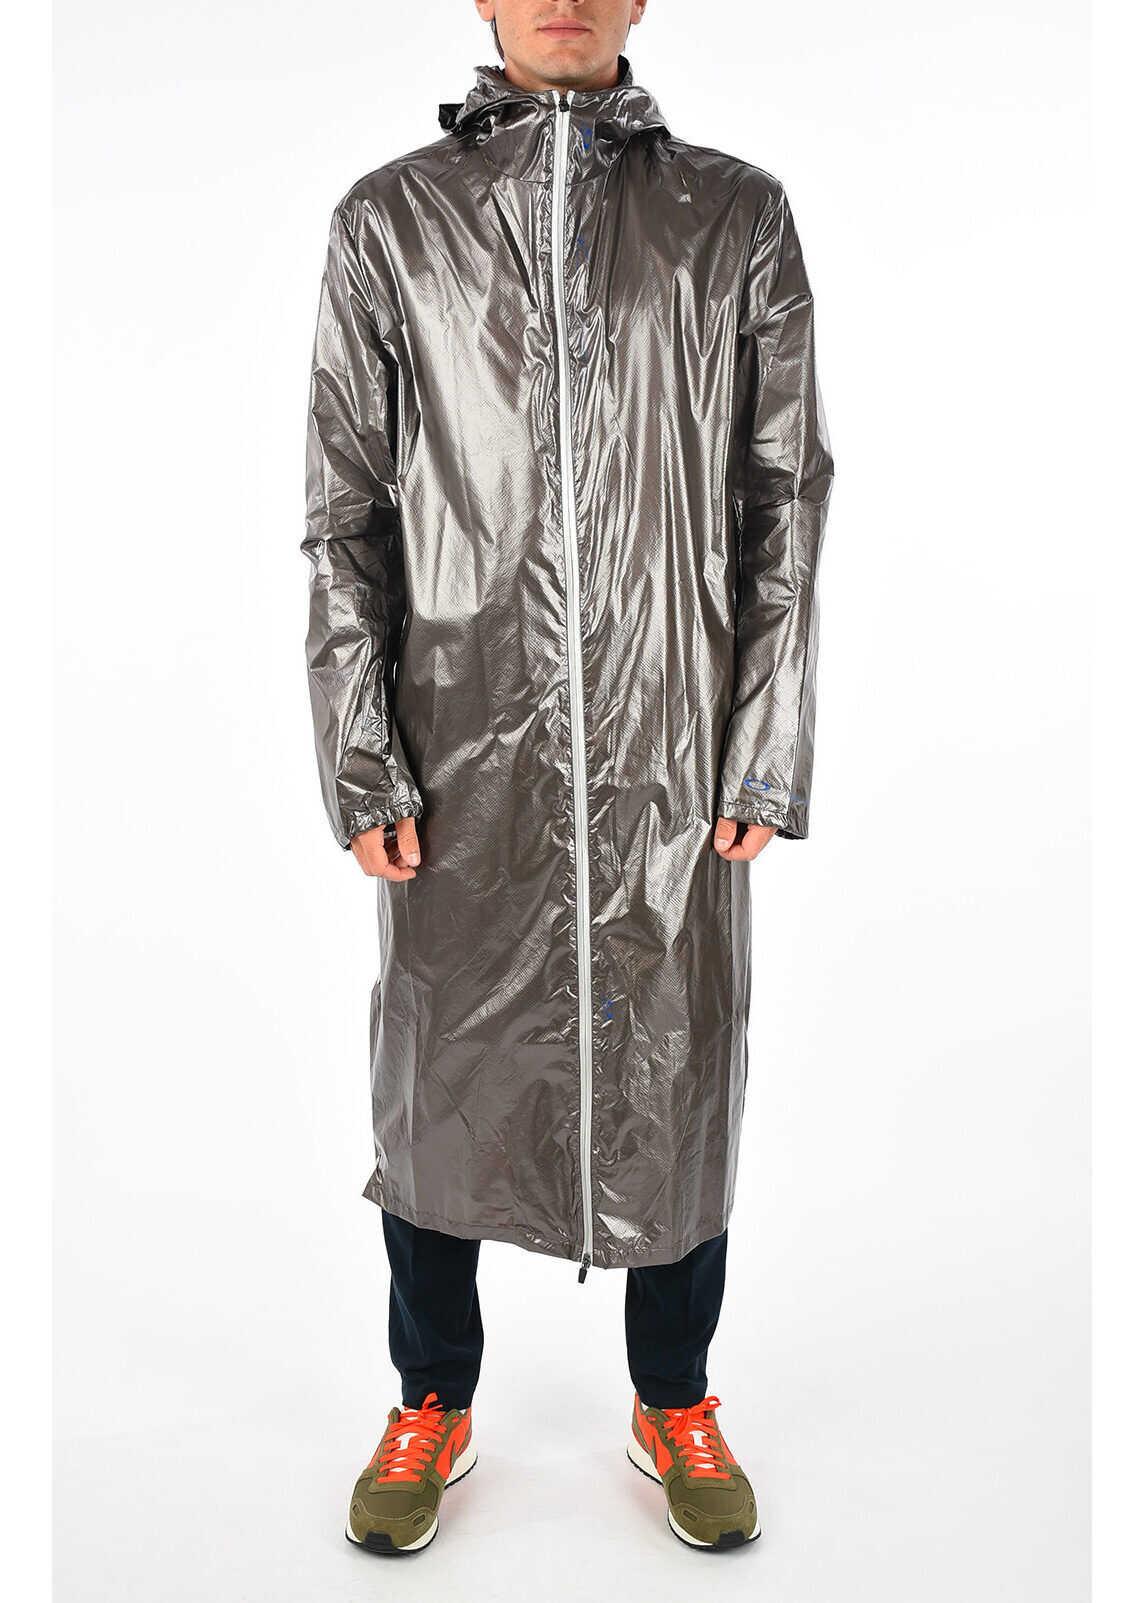 Oakley Rain coat SILVER